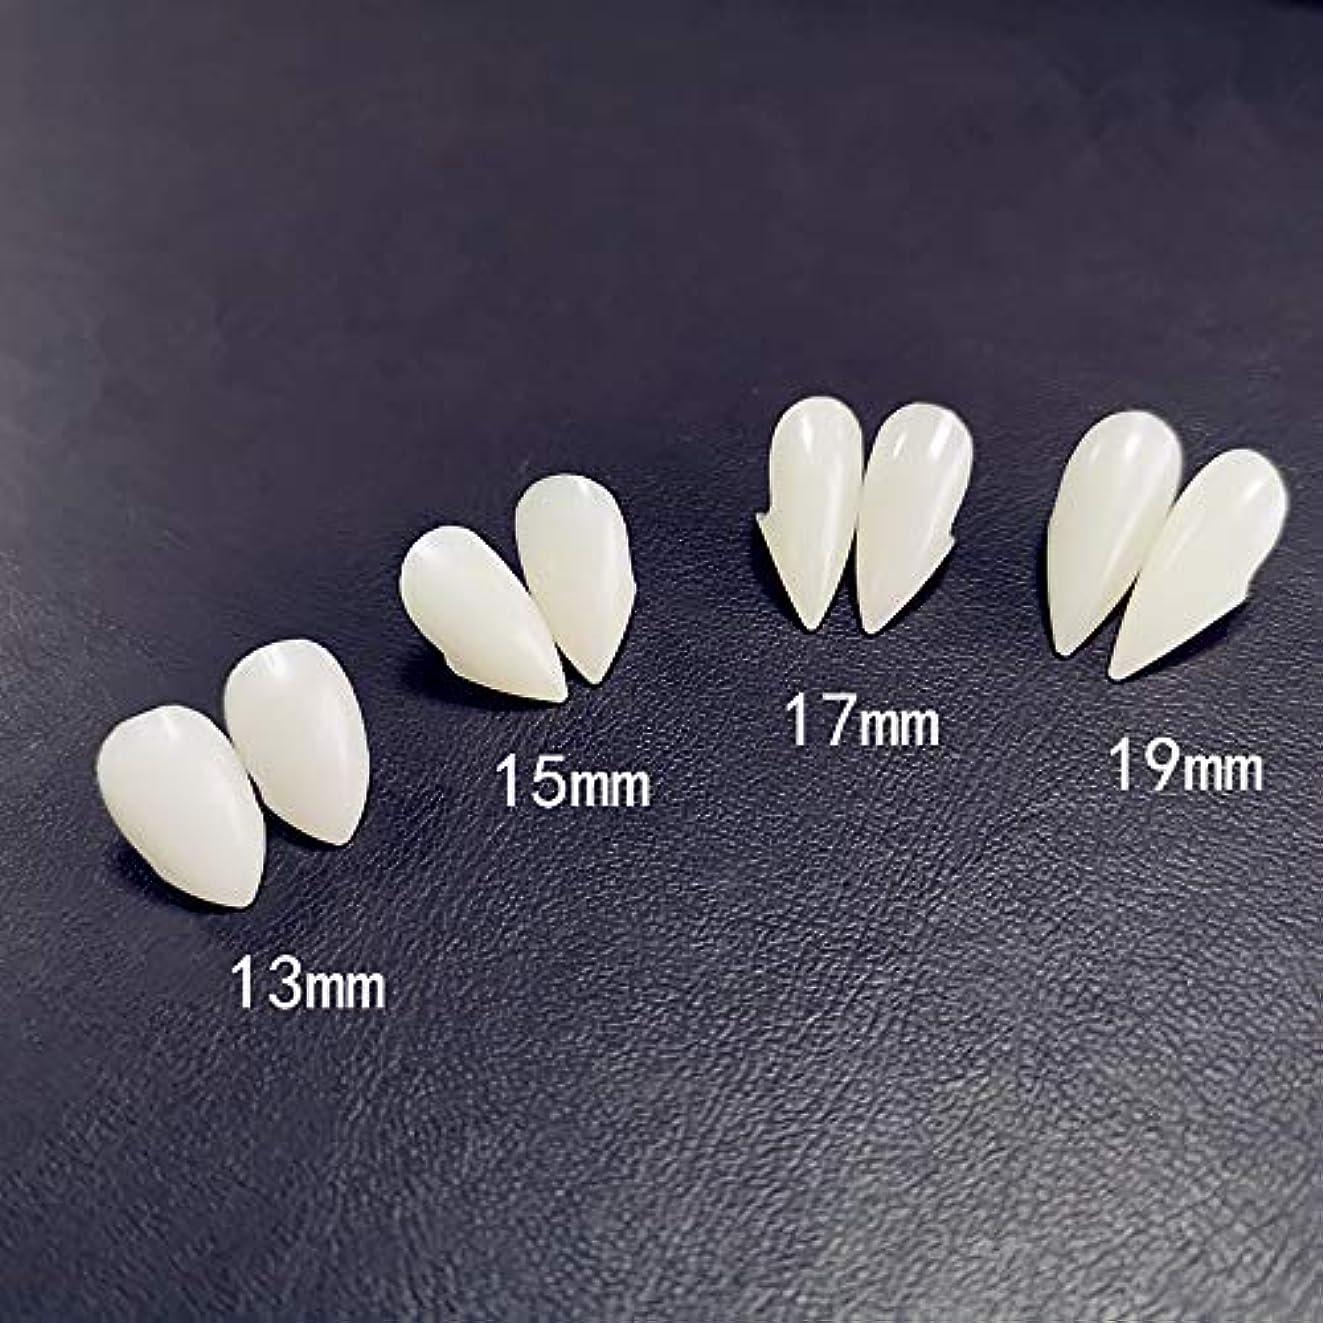 検索しなやかな狂信者6ペア牙キット歯の入れ歯歯の牙入れ歯小道具ハロウィーンの衣装小道具パーティーの好意休日DIYの装飾ホラー大人のための子供,17mm